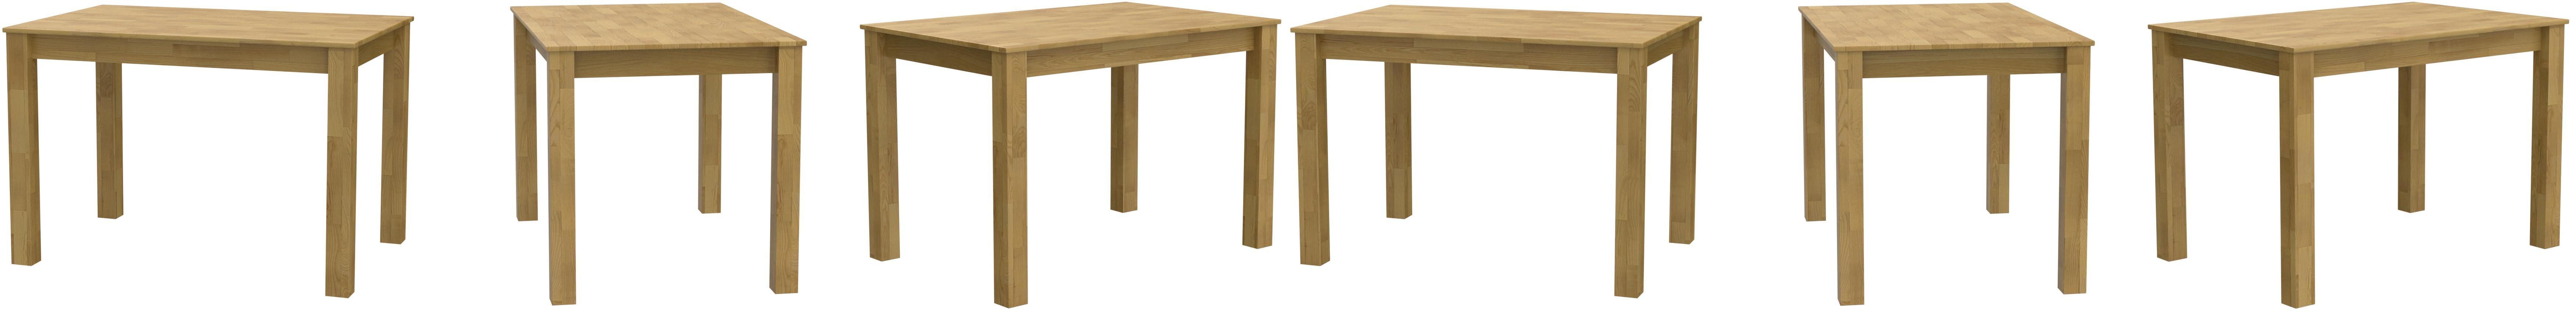 Krok Wood Tavolo da Pranzo Bonn in Legno di Rovere 110x75x75 cm